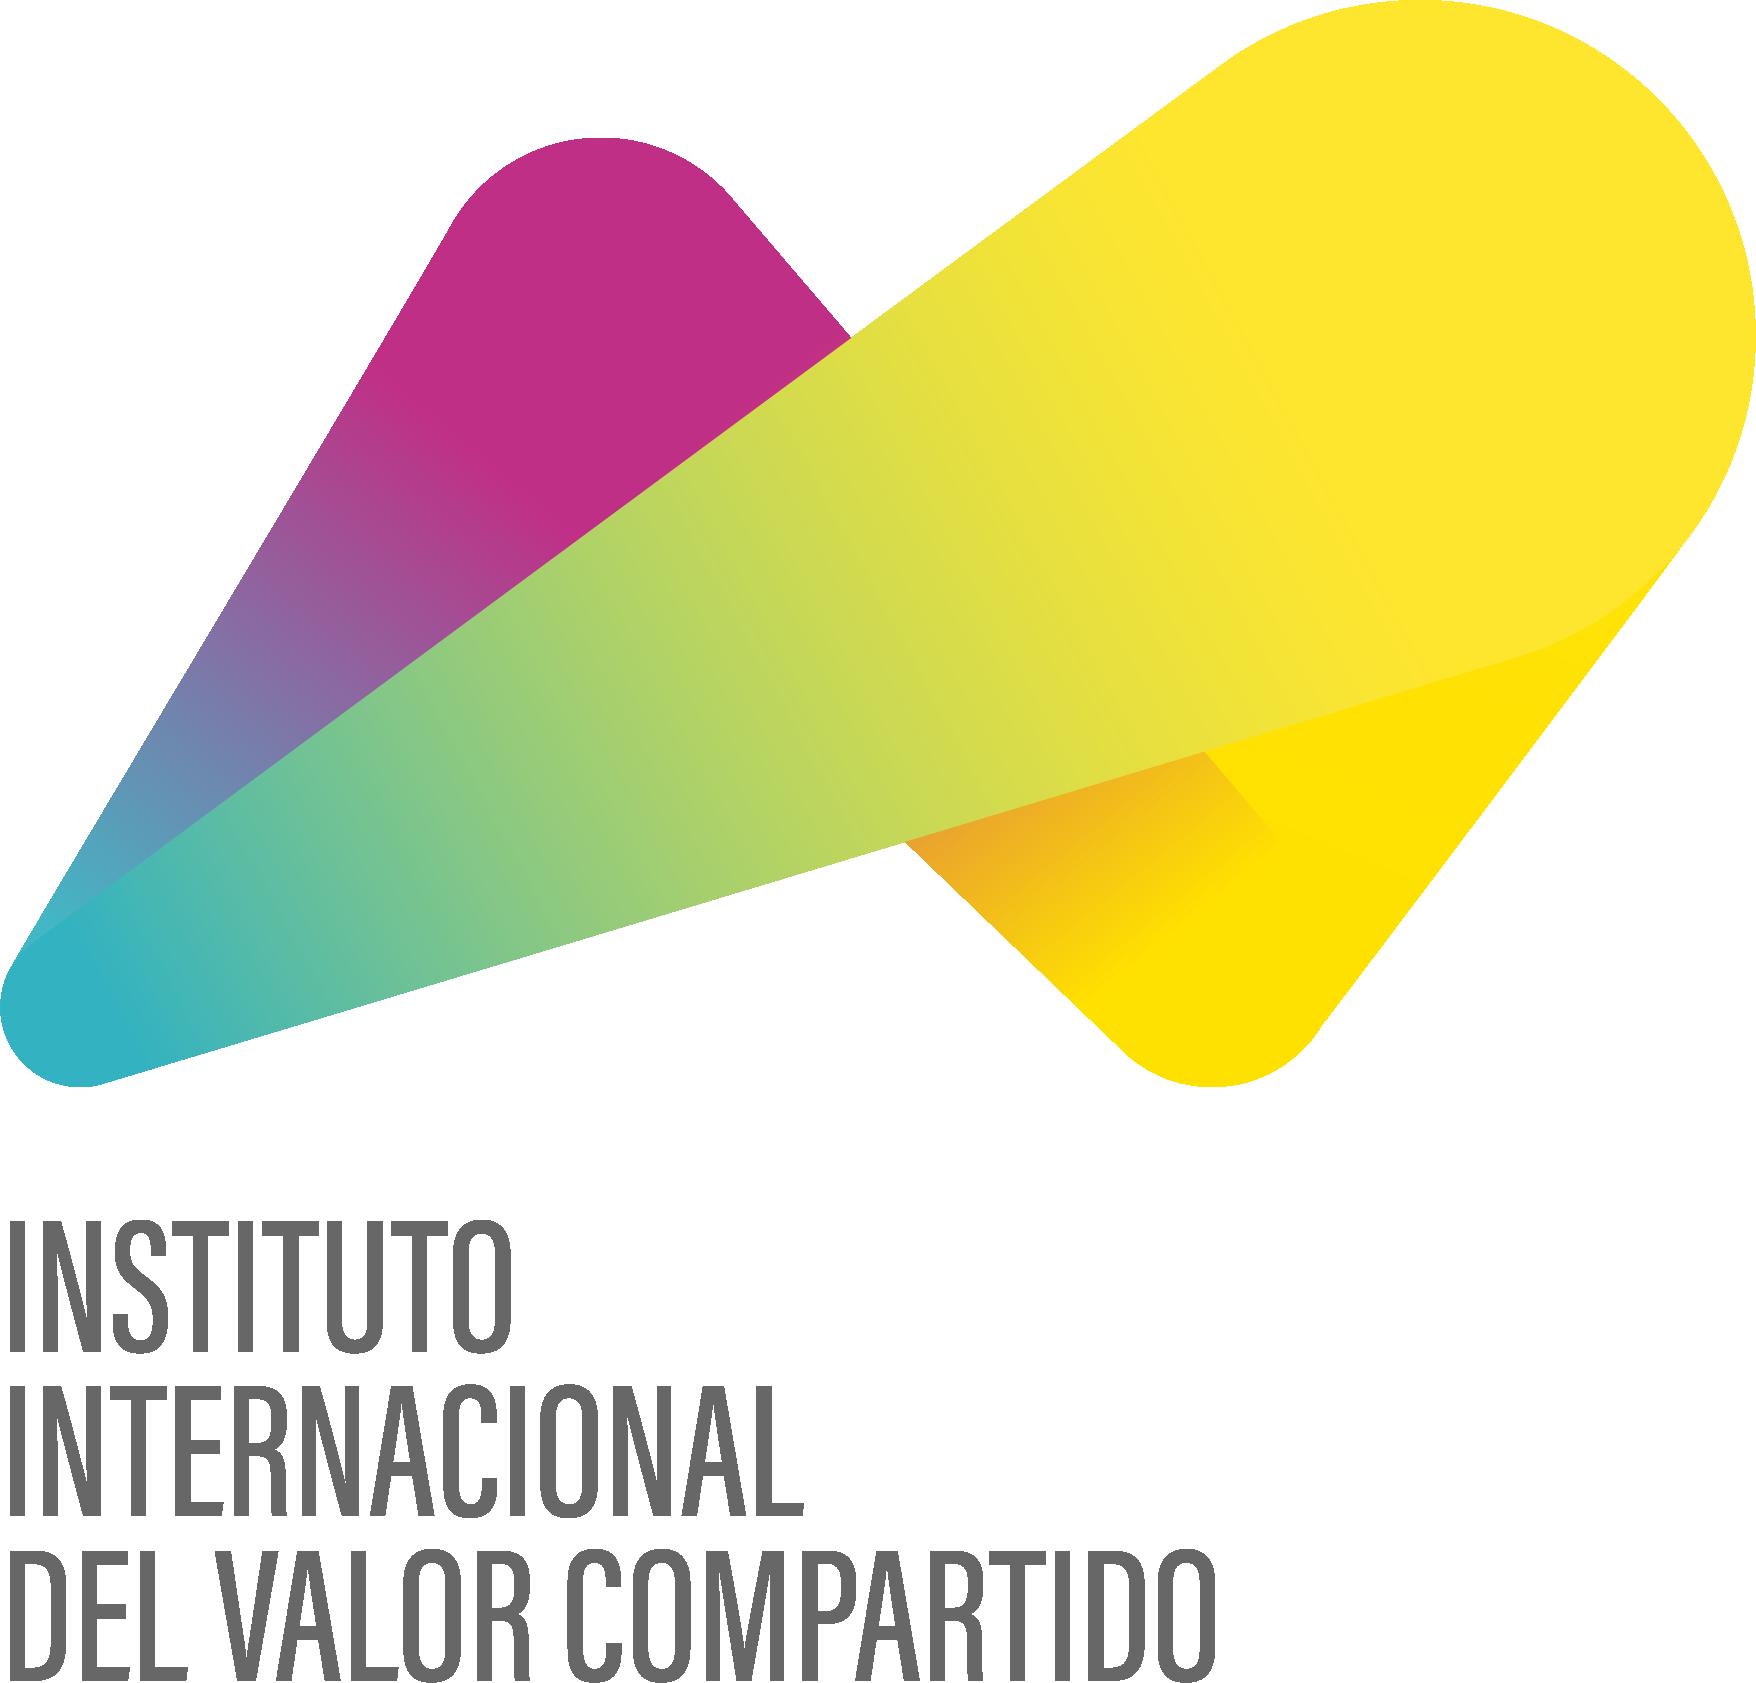 Foto de Instituto Internacional del Valor Compartido - IIVC